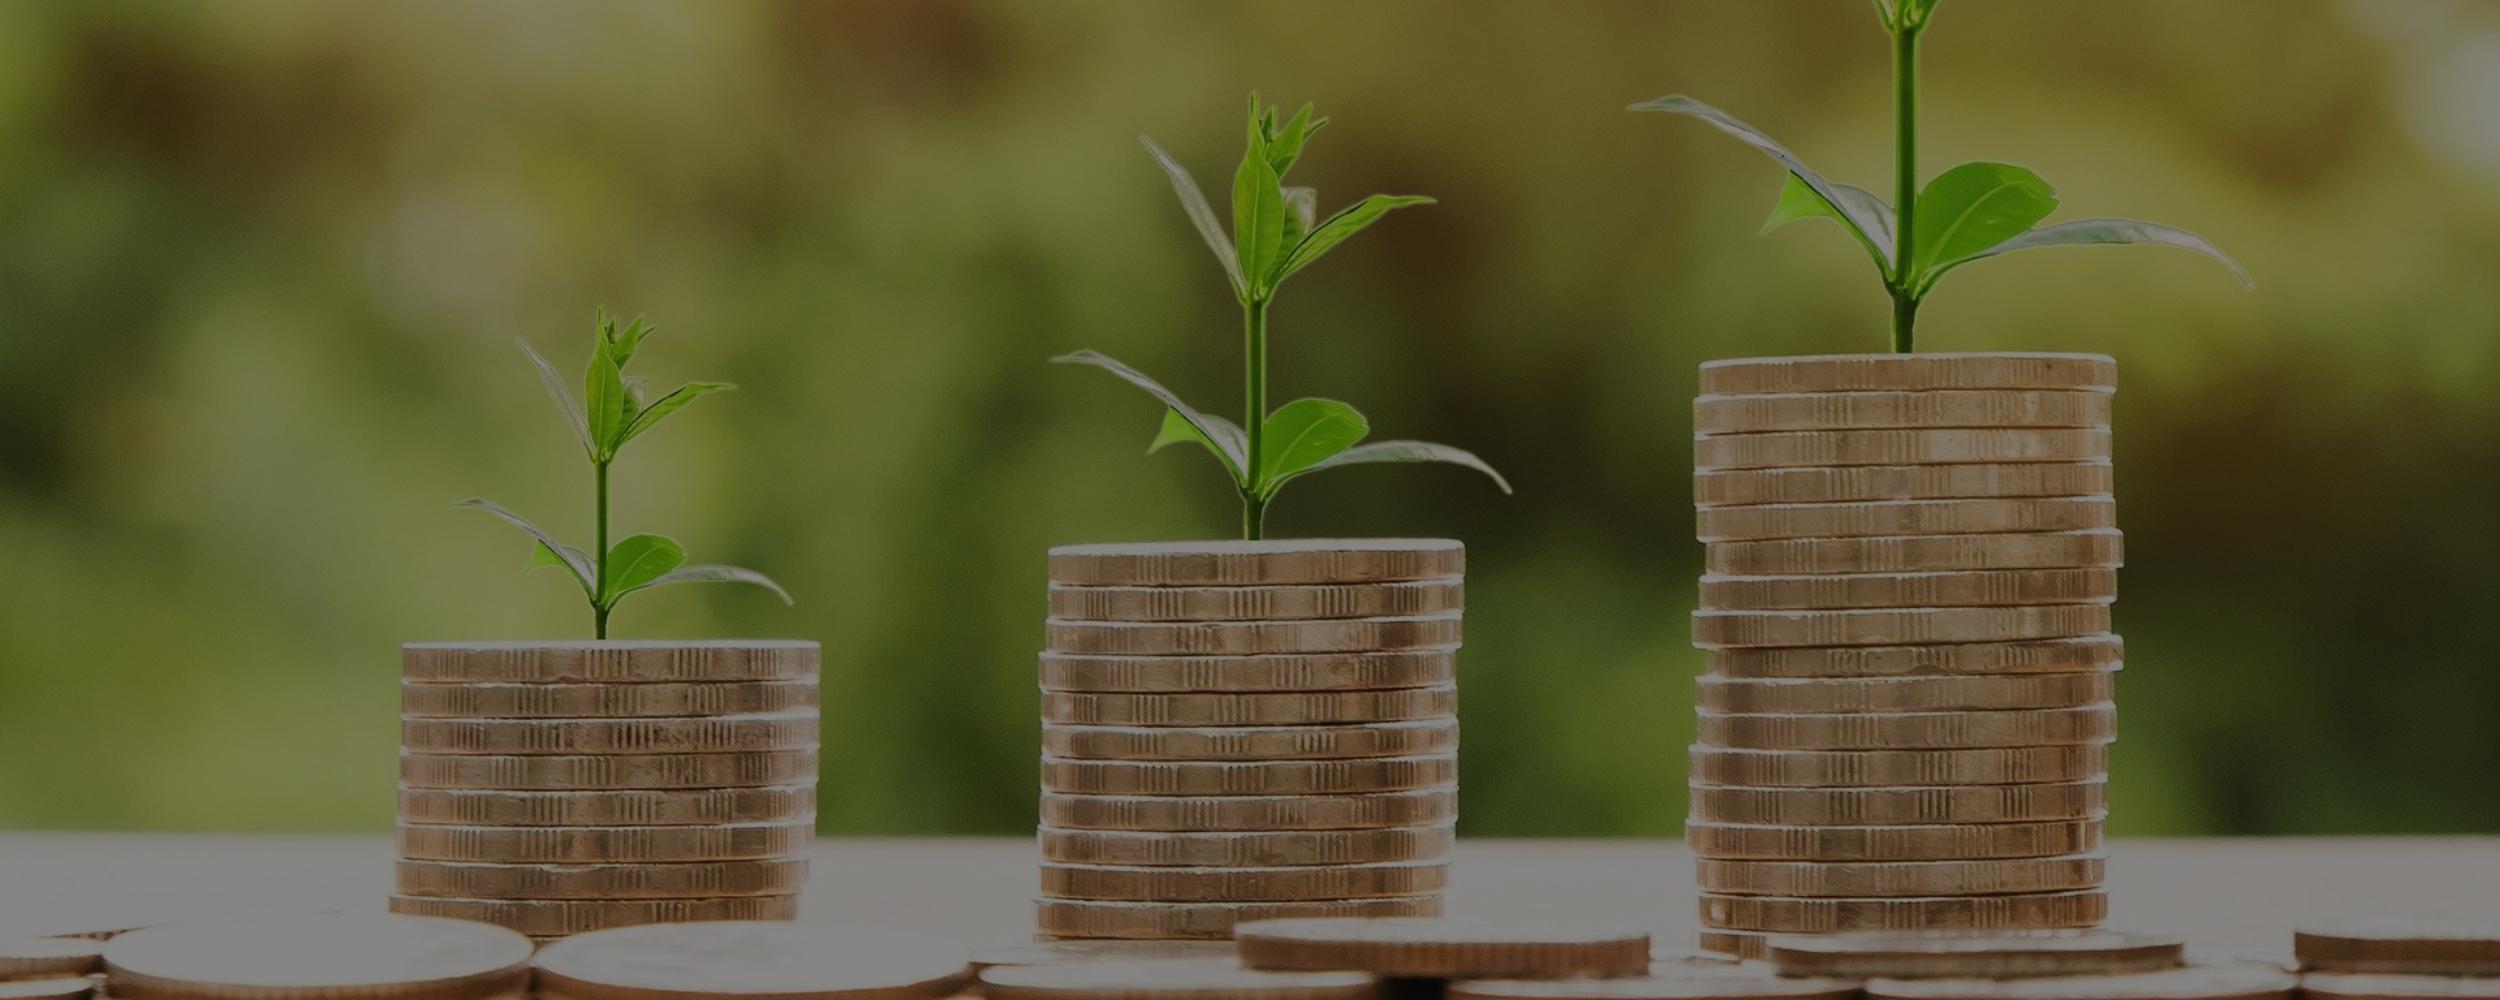 El Banco Santander, obligado a devolver los gastos hipotecarios a todos los consumidores gracias a ADICAE